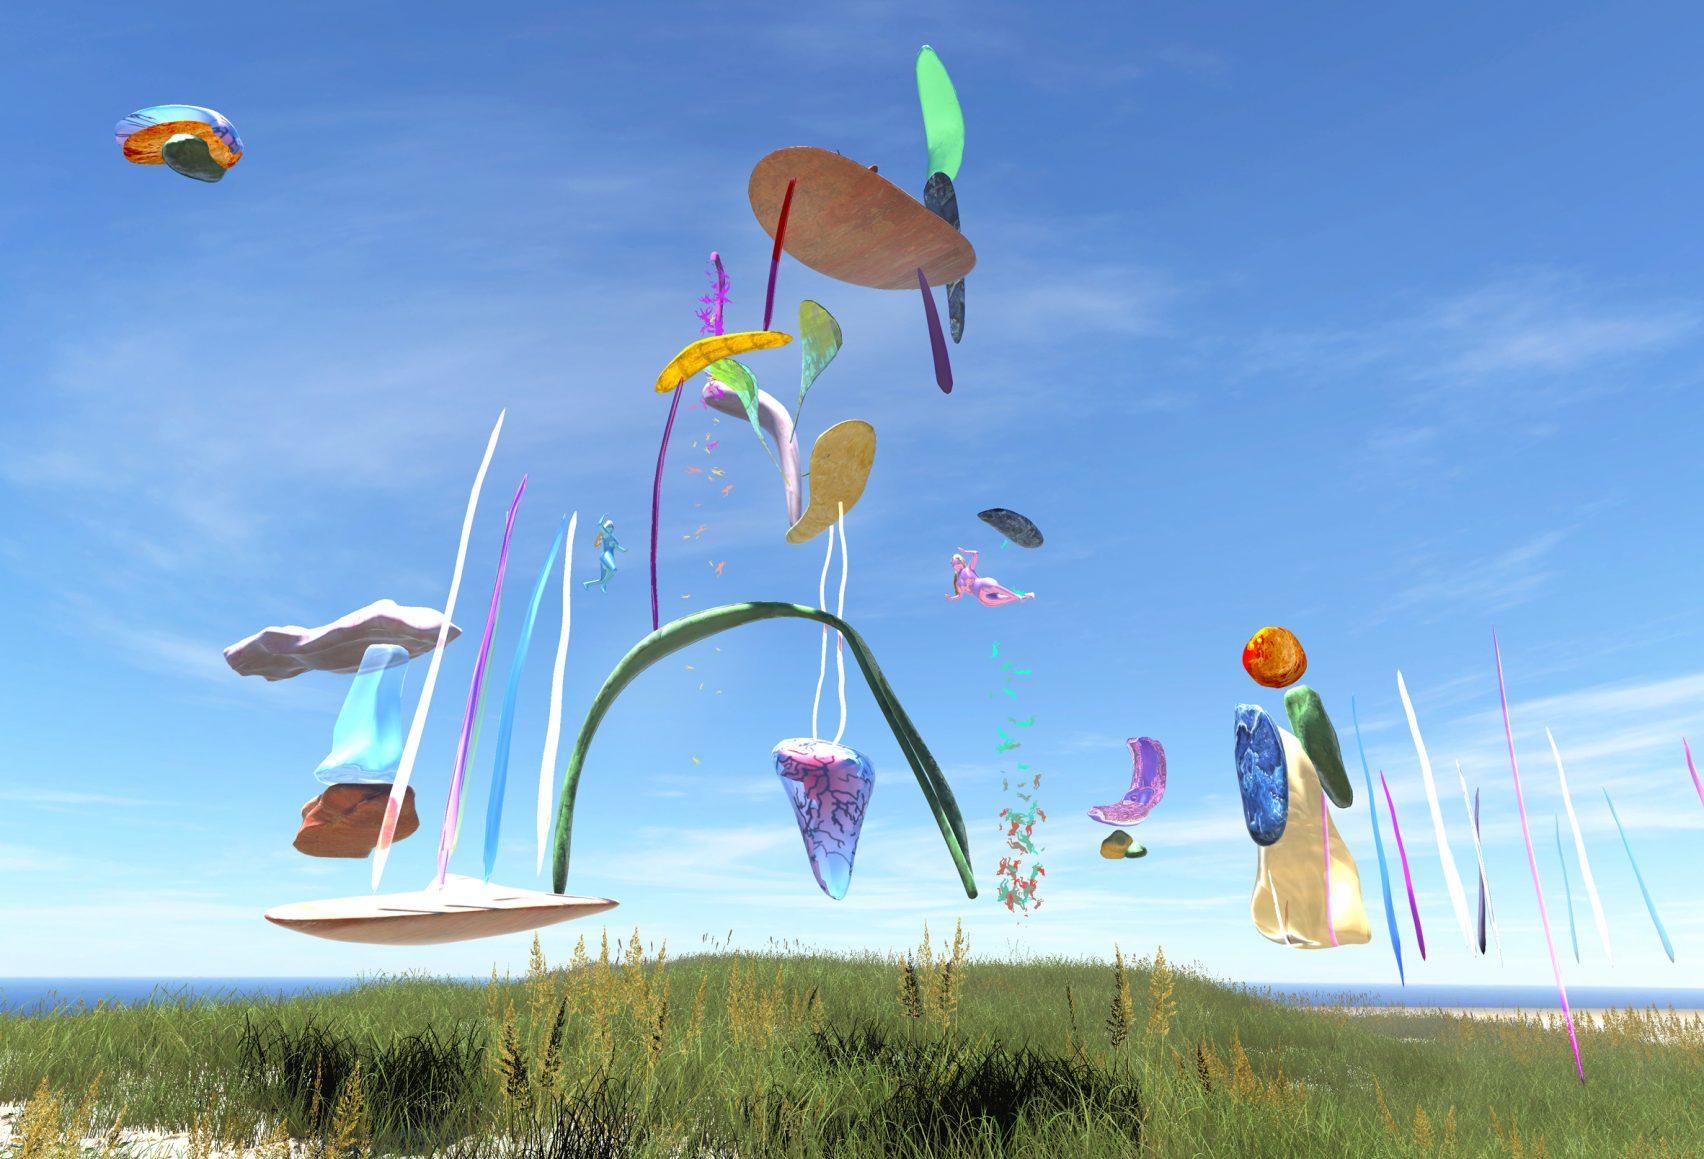 Kolorowe abstrakcyjne formy unoszące się nad ziemią na tle błękitnego nieba.